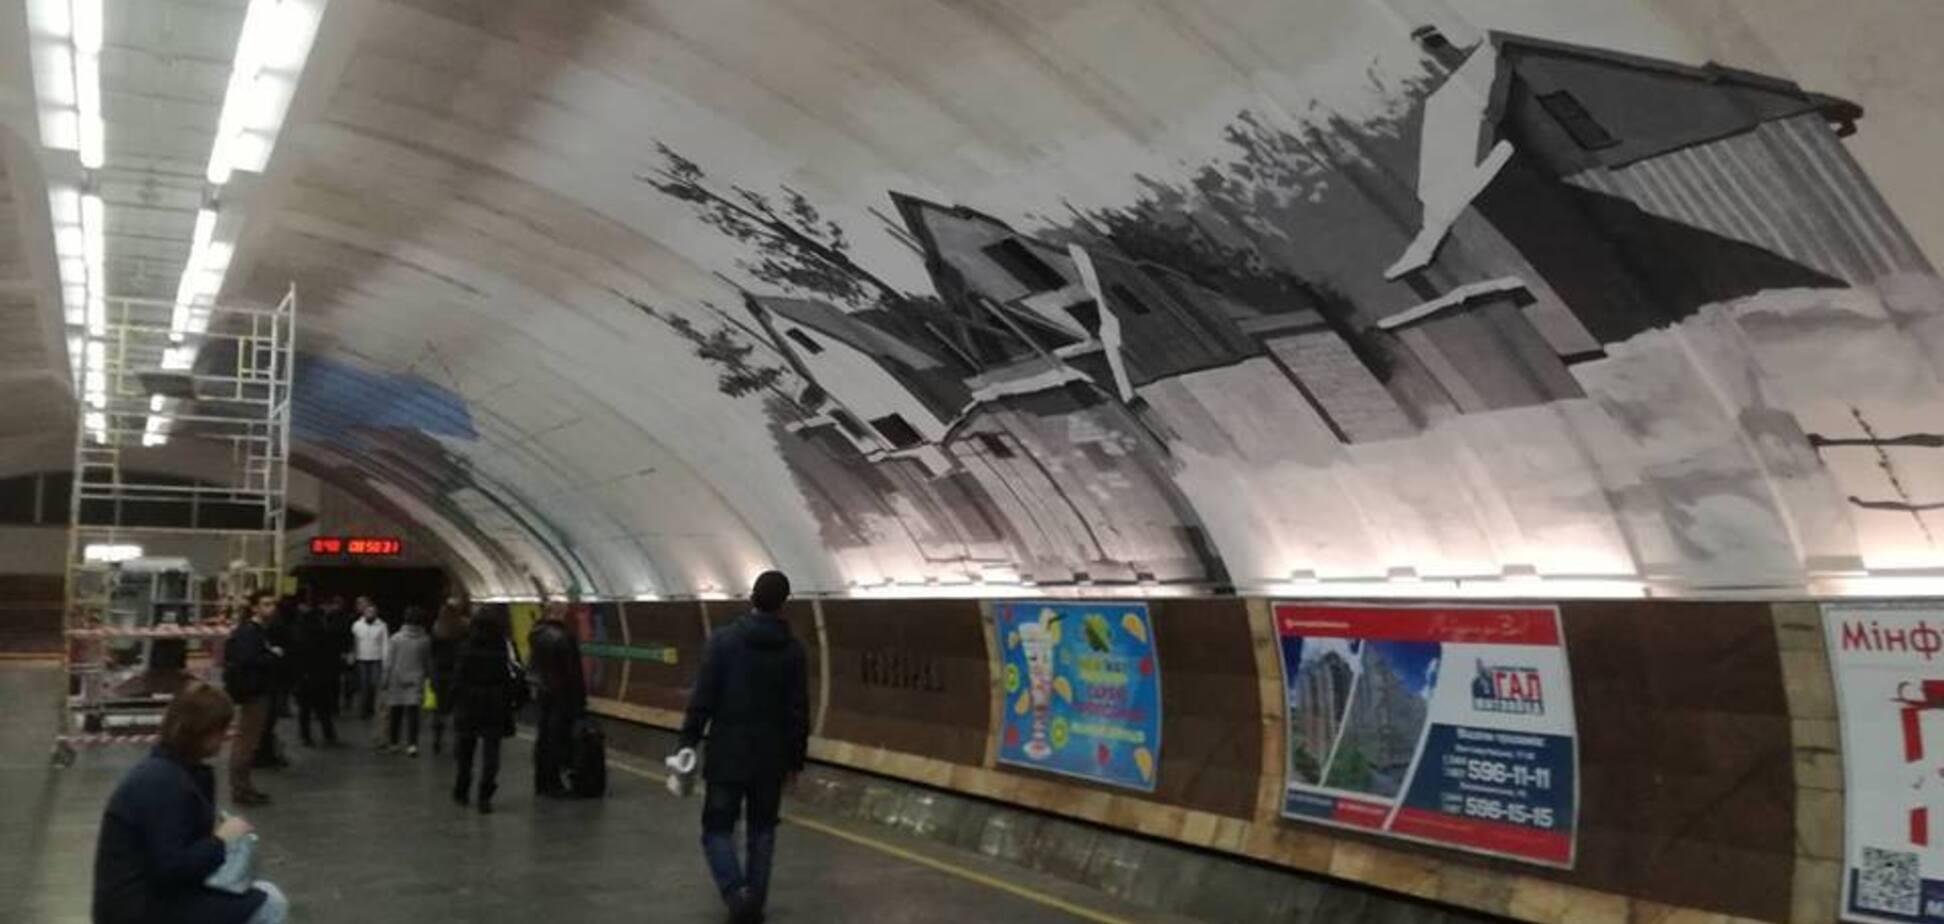 ''Набридло ваше ниття!'' Масштабний мурал у київському метро викликав суперечки в мережі